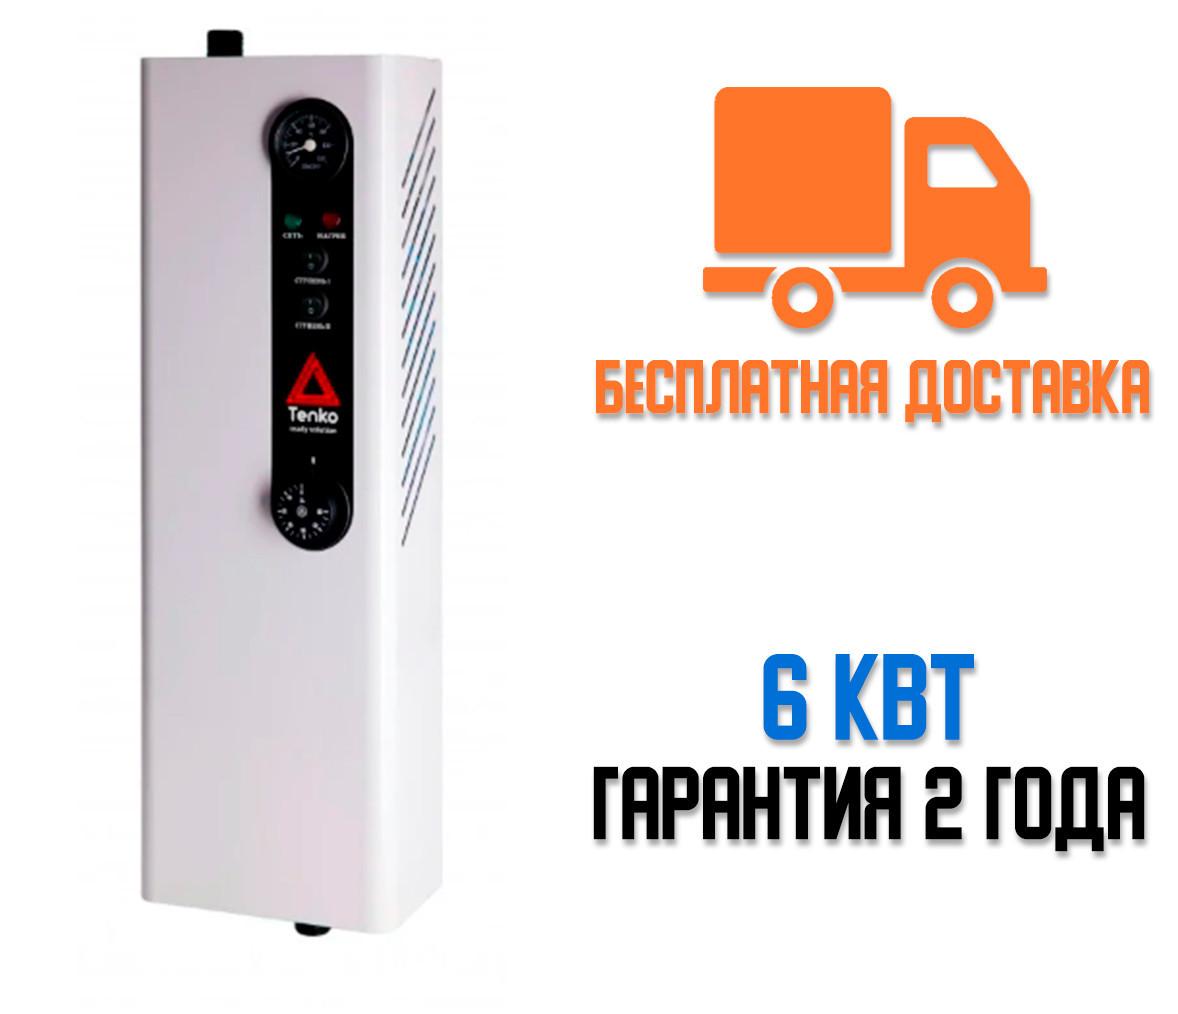 Котел электрический Tenko 6 кВт/380 эконом Бесплатная доставка!